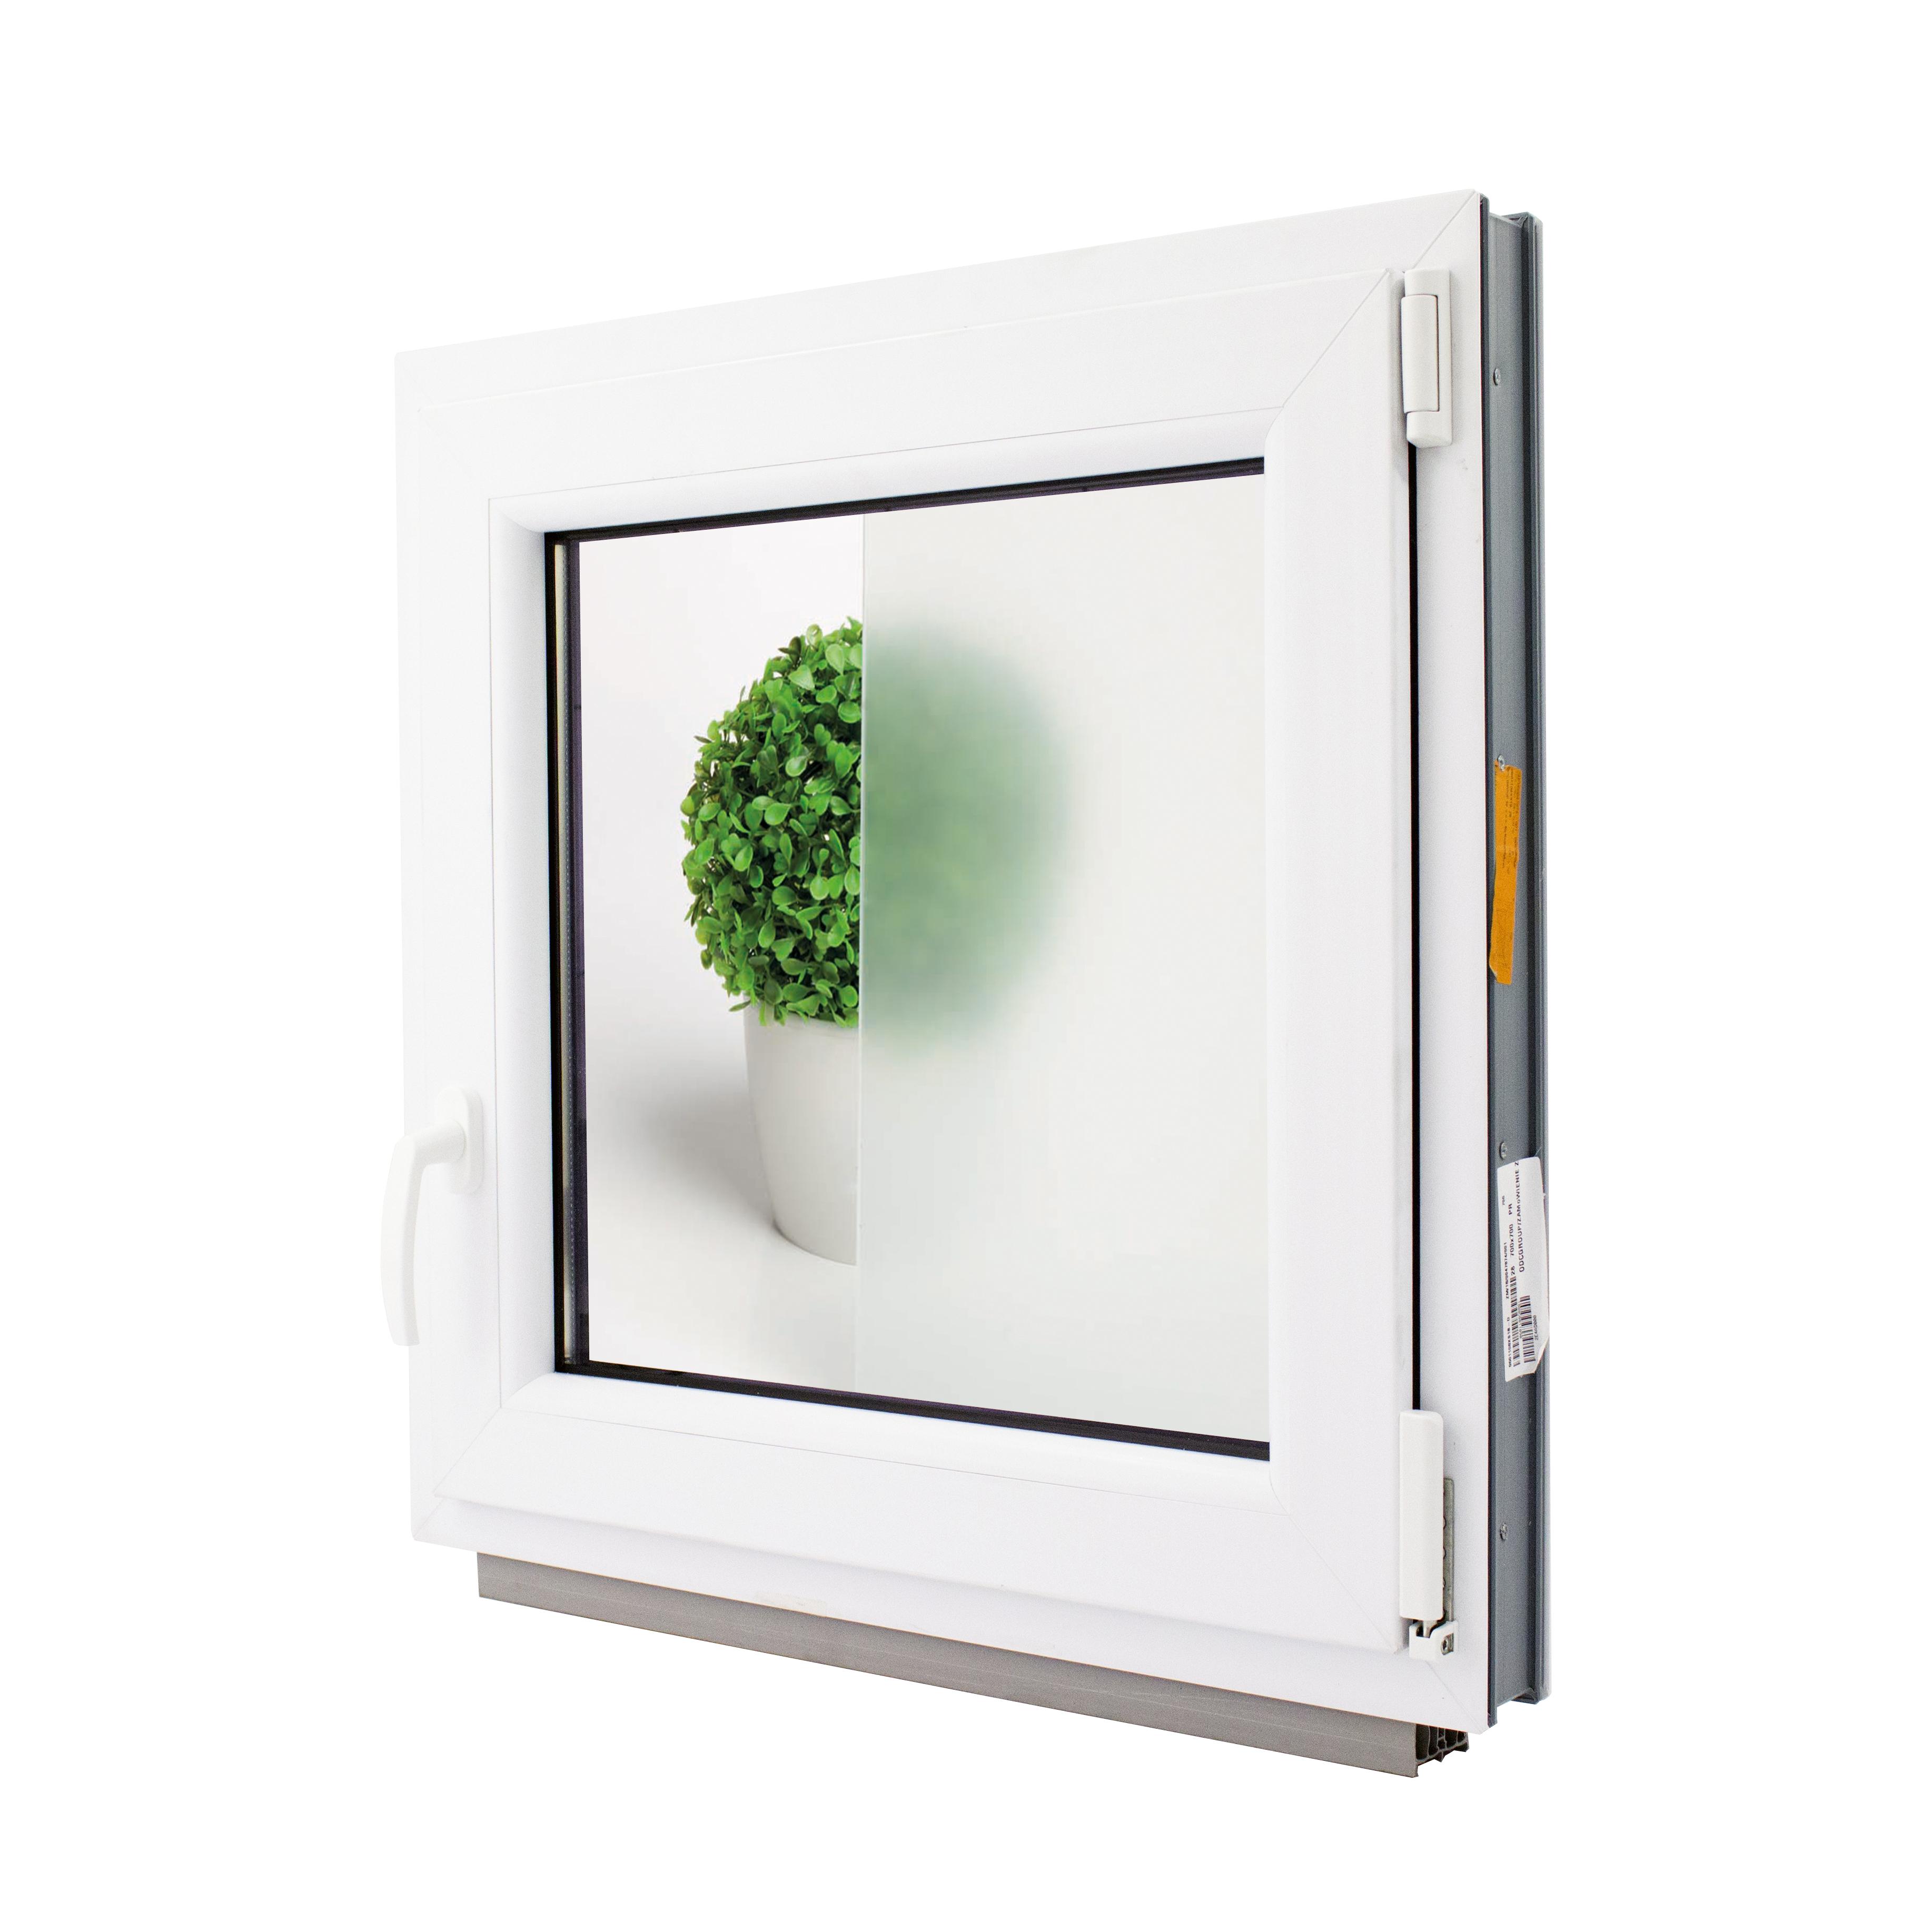 Tende Per Finestre A Ribalta dettagli su finestre pvc anta ribalta vetro opaco per bagno larghezza:  500mm varie altezze